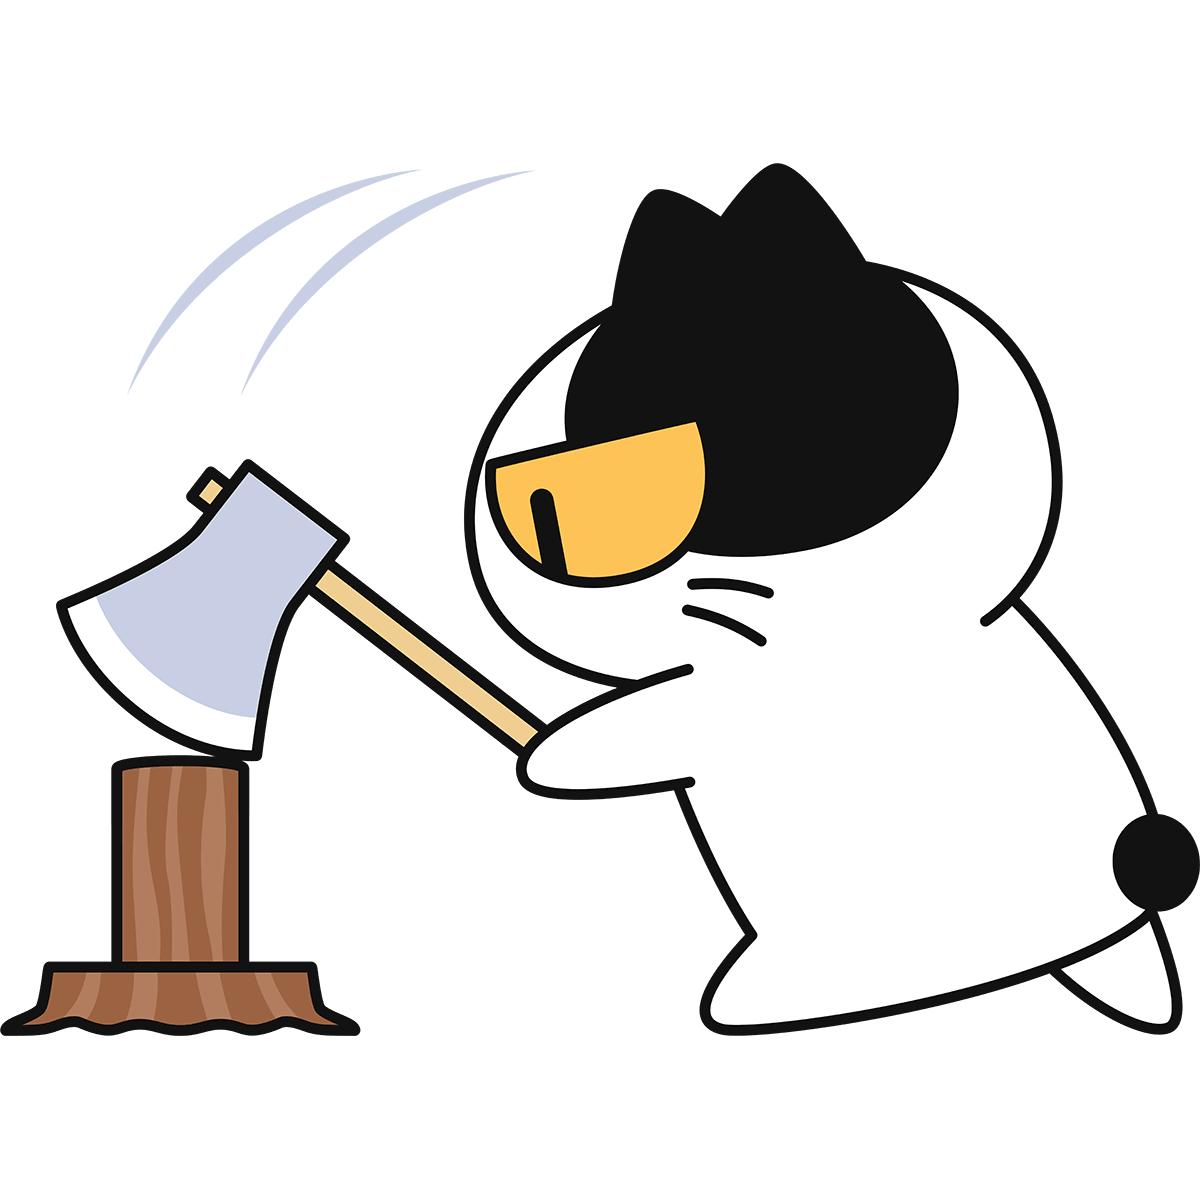 薪割りをする猫の無料イラスト